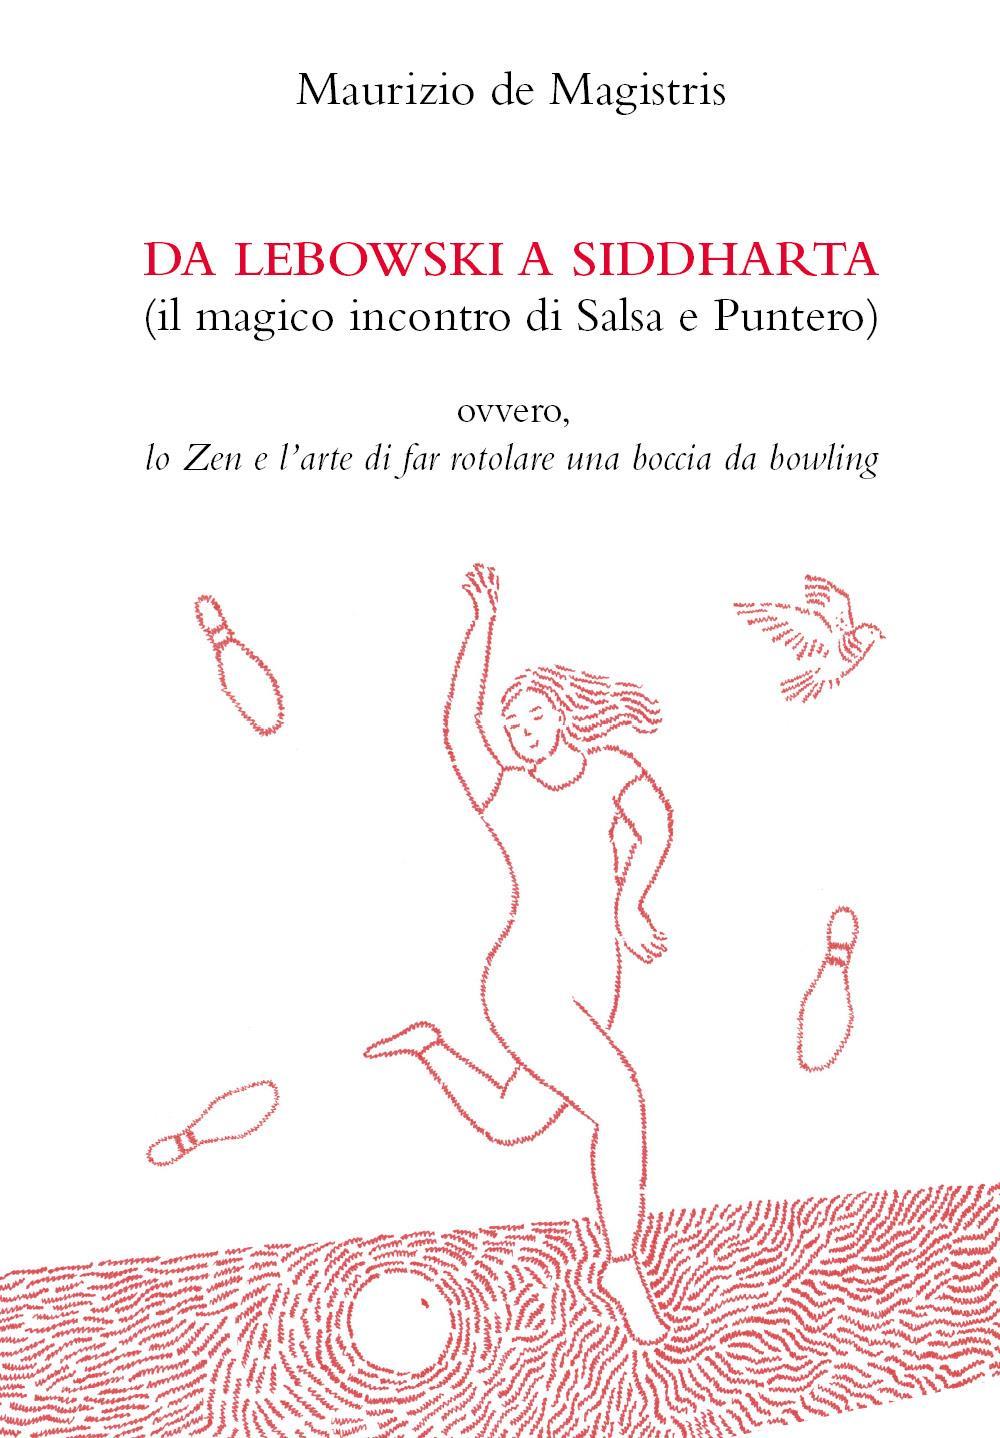 Da Lebowski a Siddharta (Il magico incontro di Salsa e Puntero)